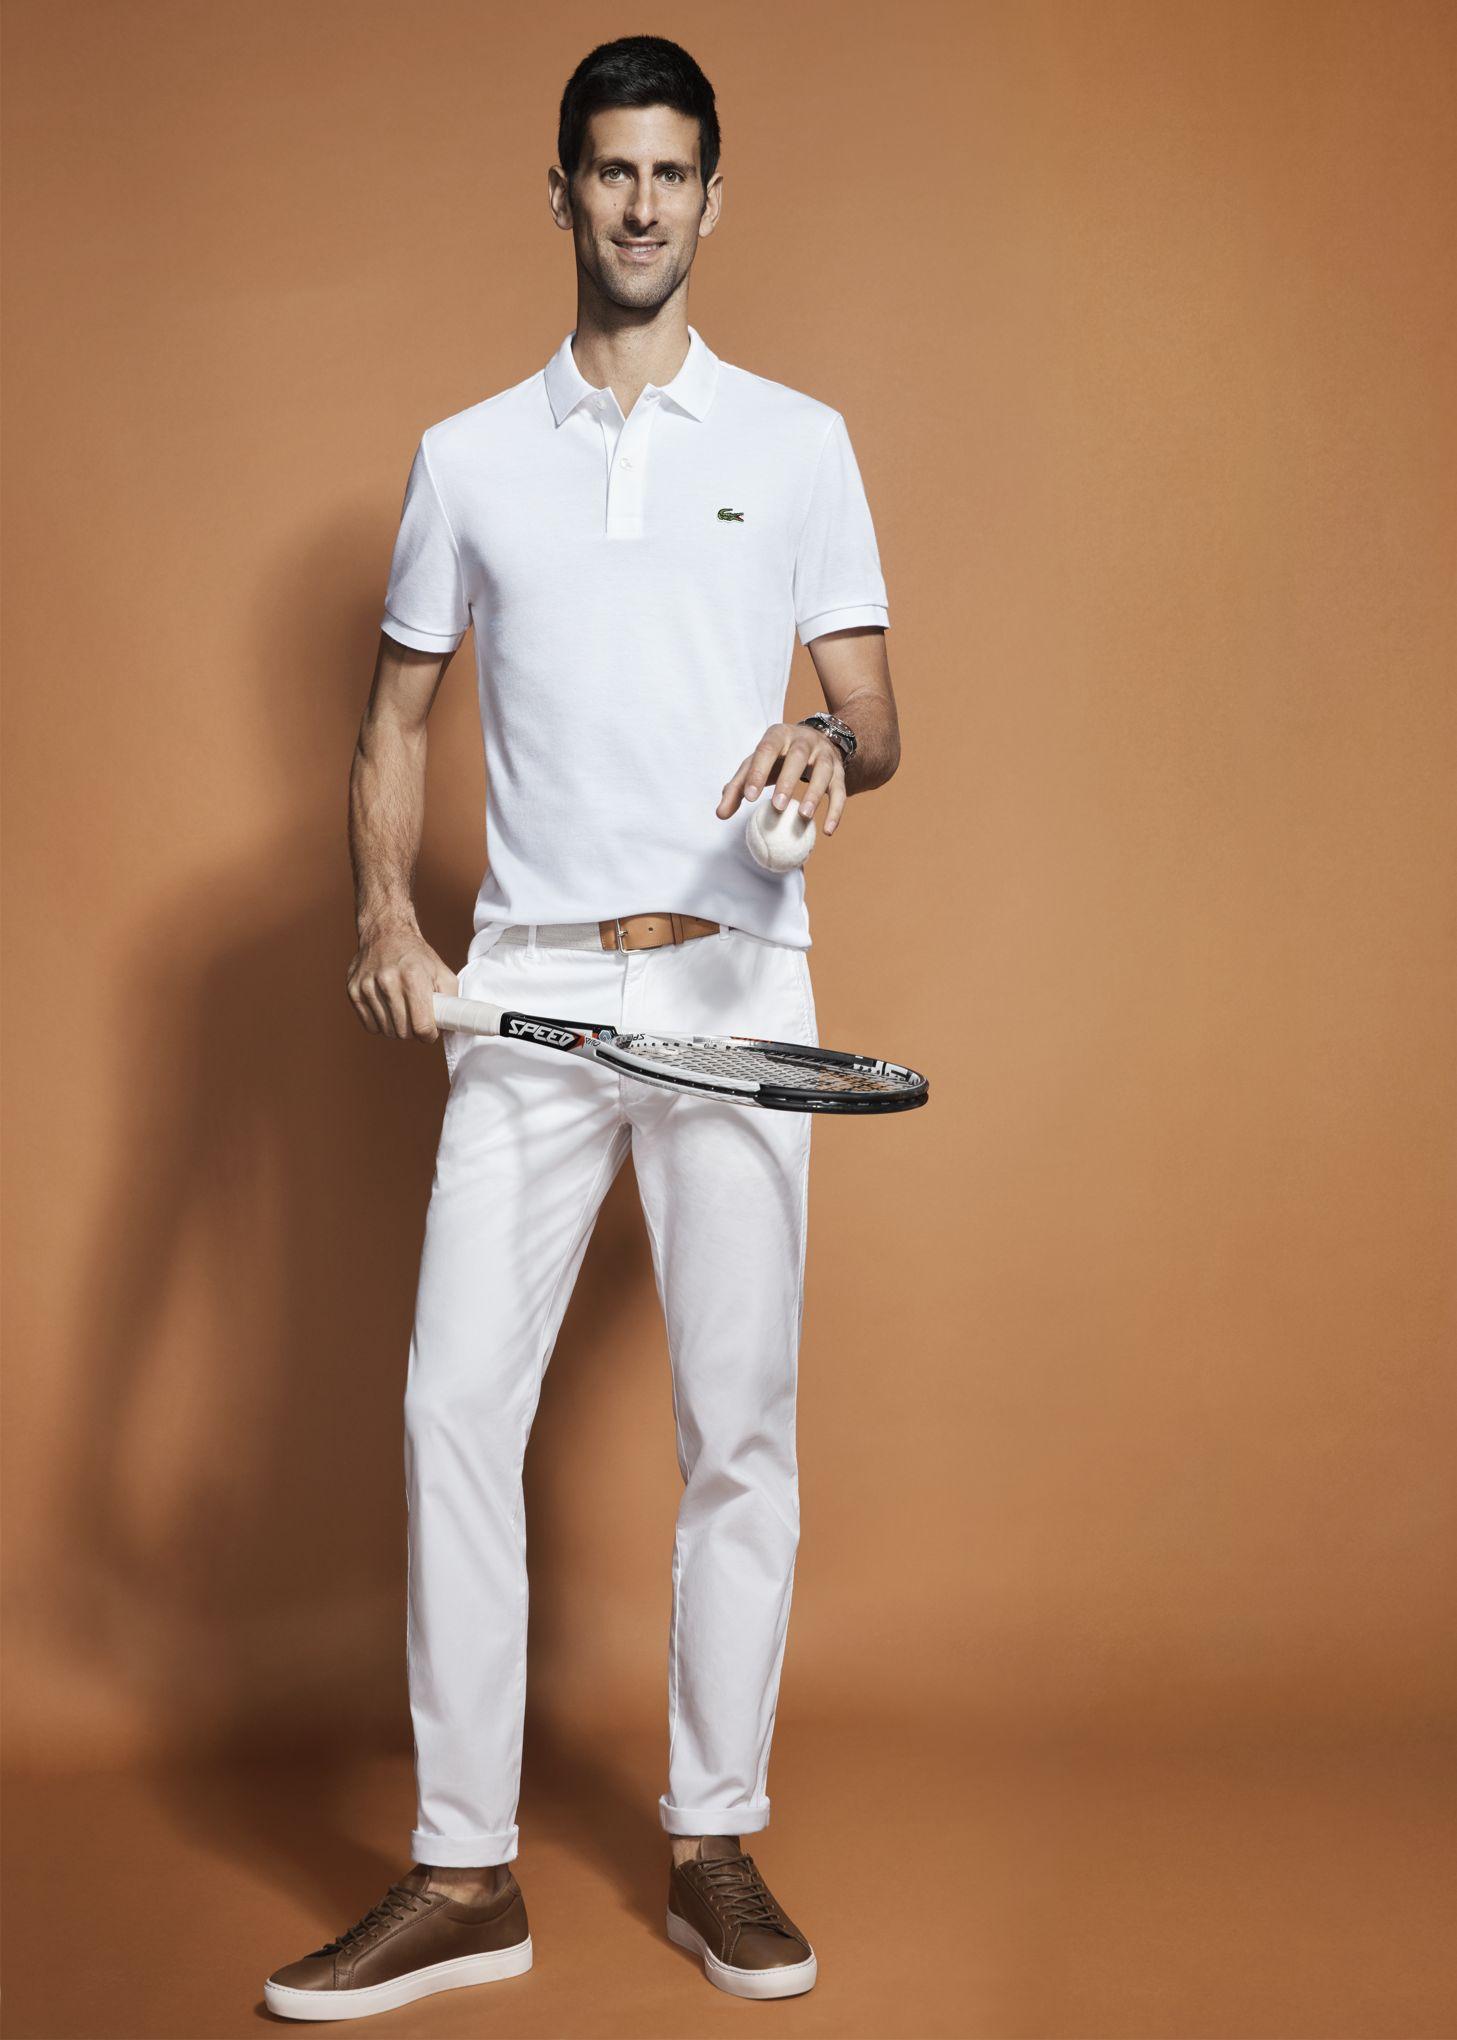 cc3a592eeb Lacoste s'offre Djokovic à une semaine de Roland-Garros